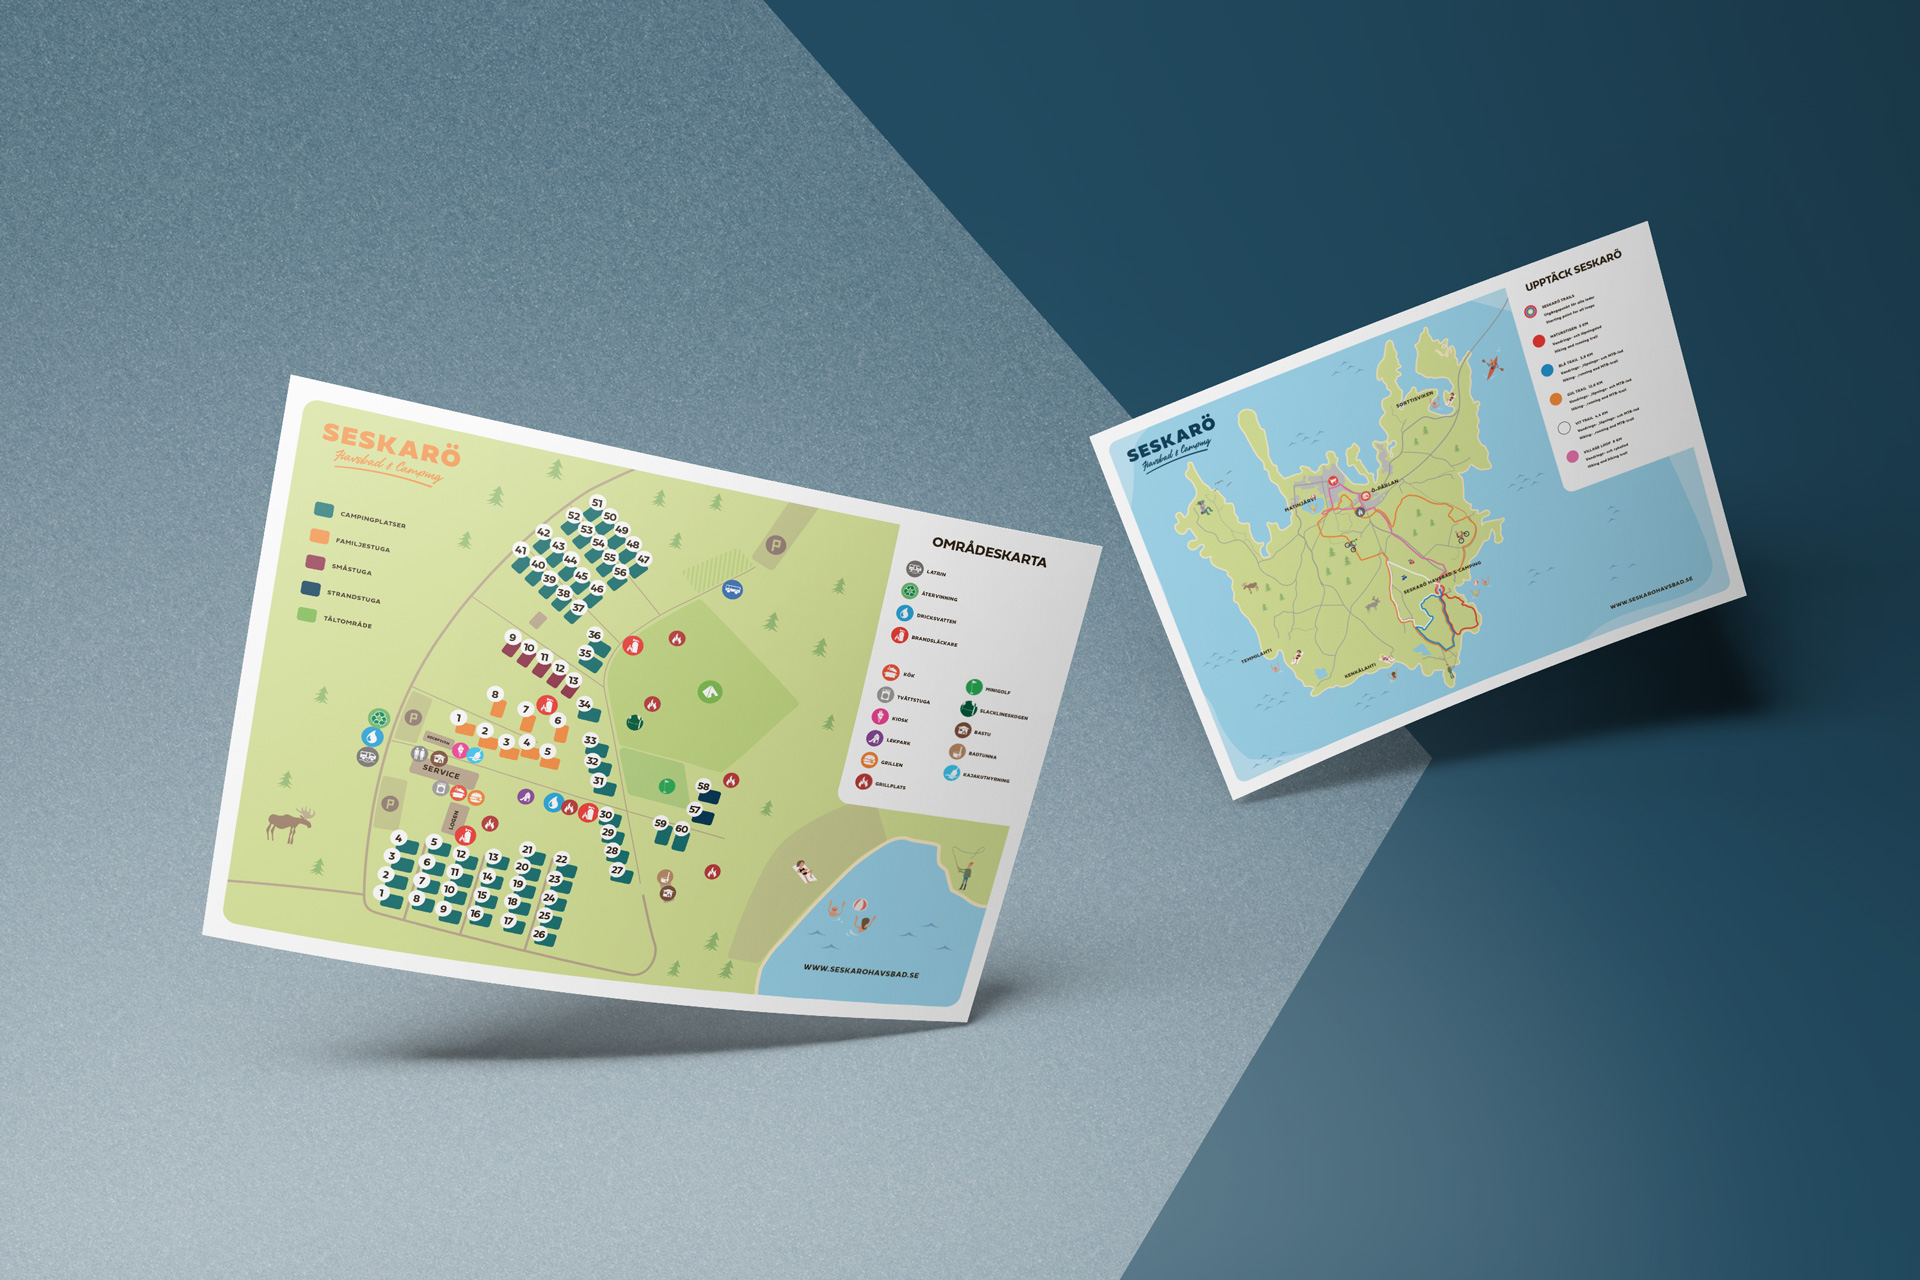 seskaro-maps.jpg